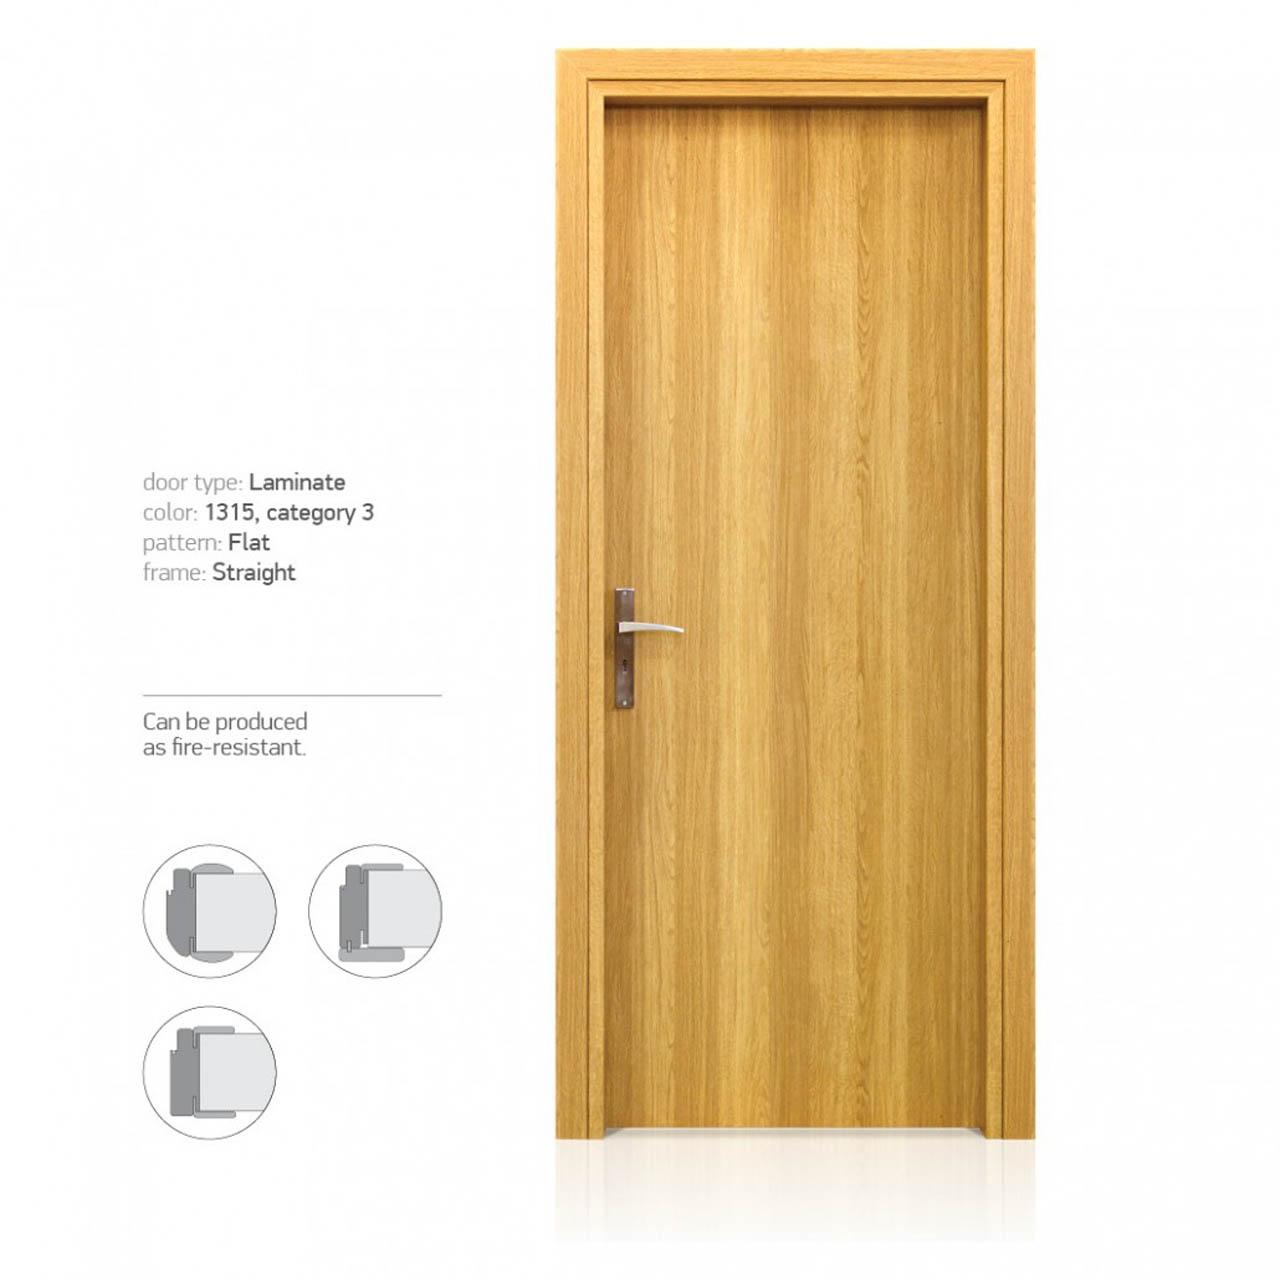 portes-site-laminate-eng13-1030x1030